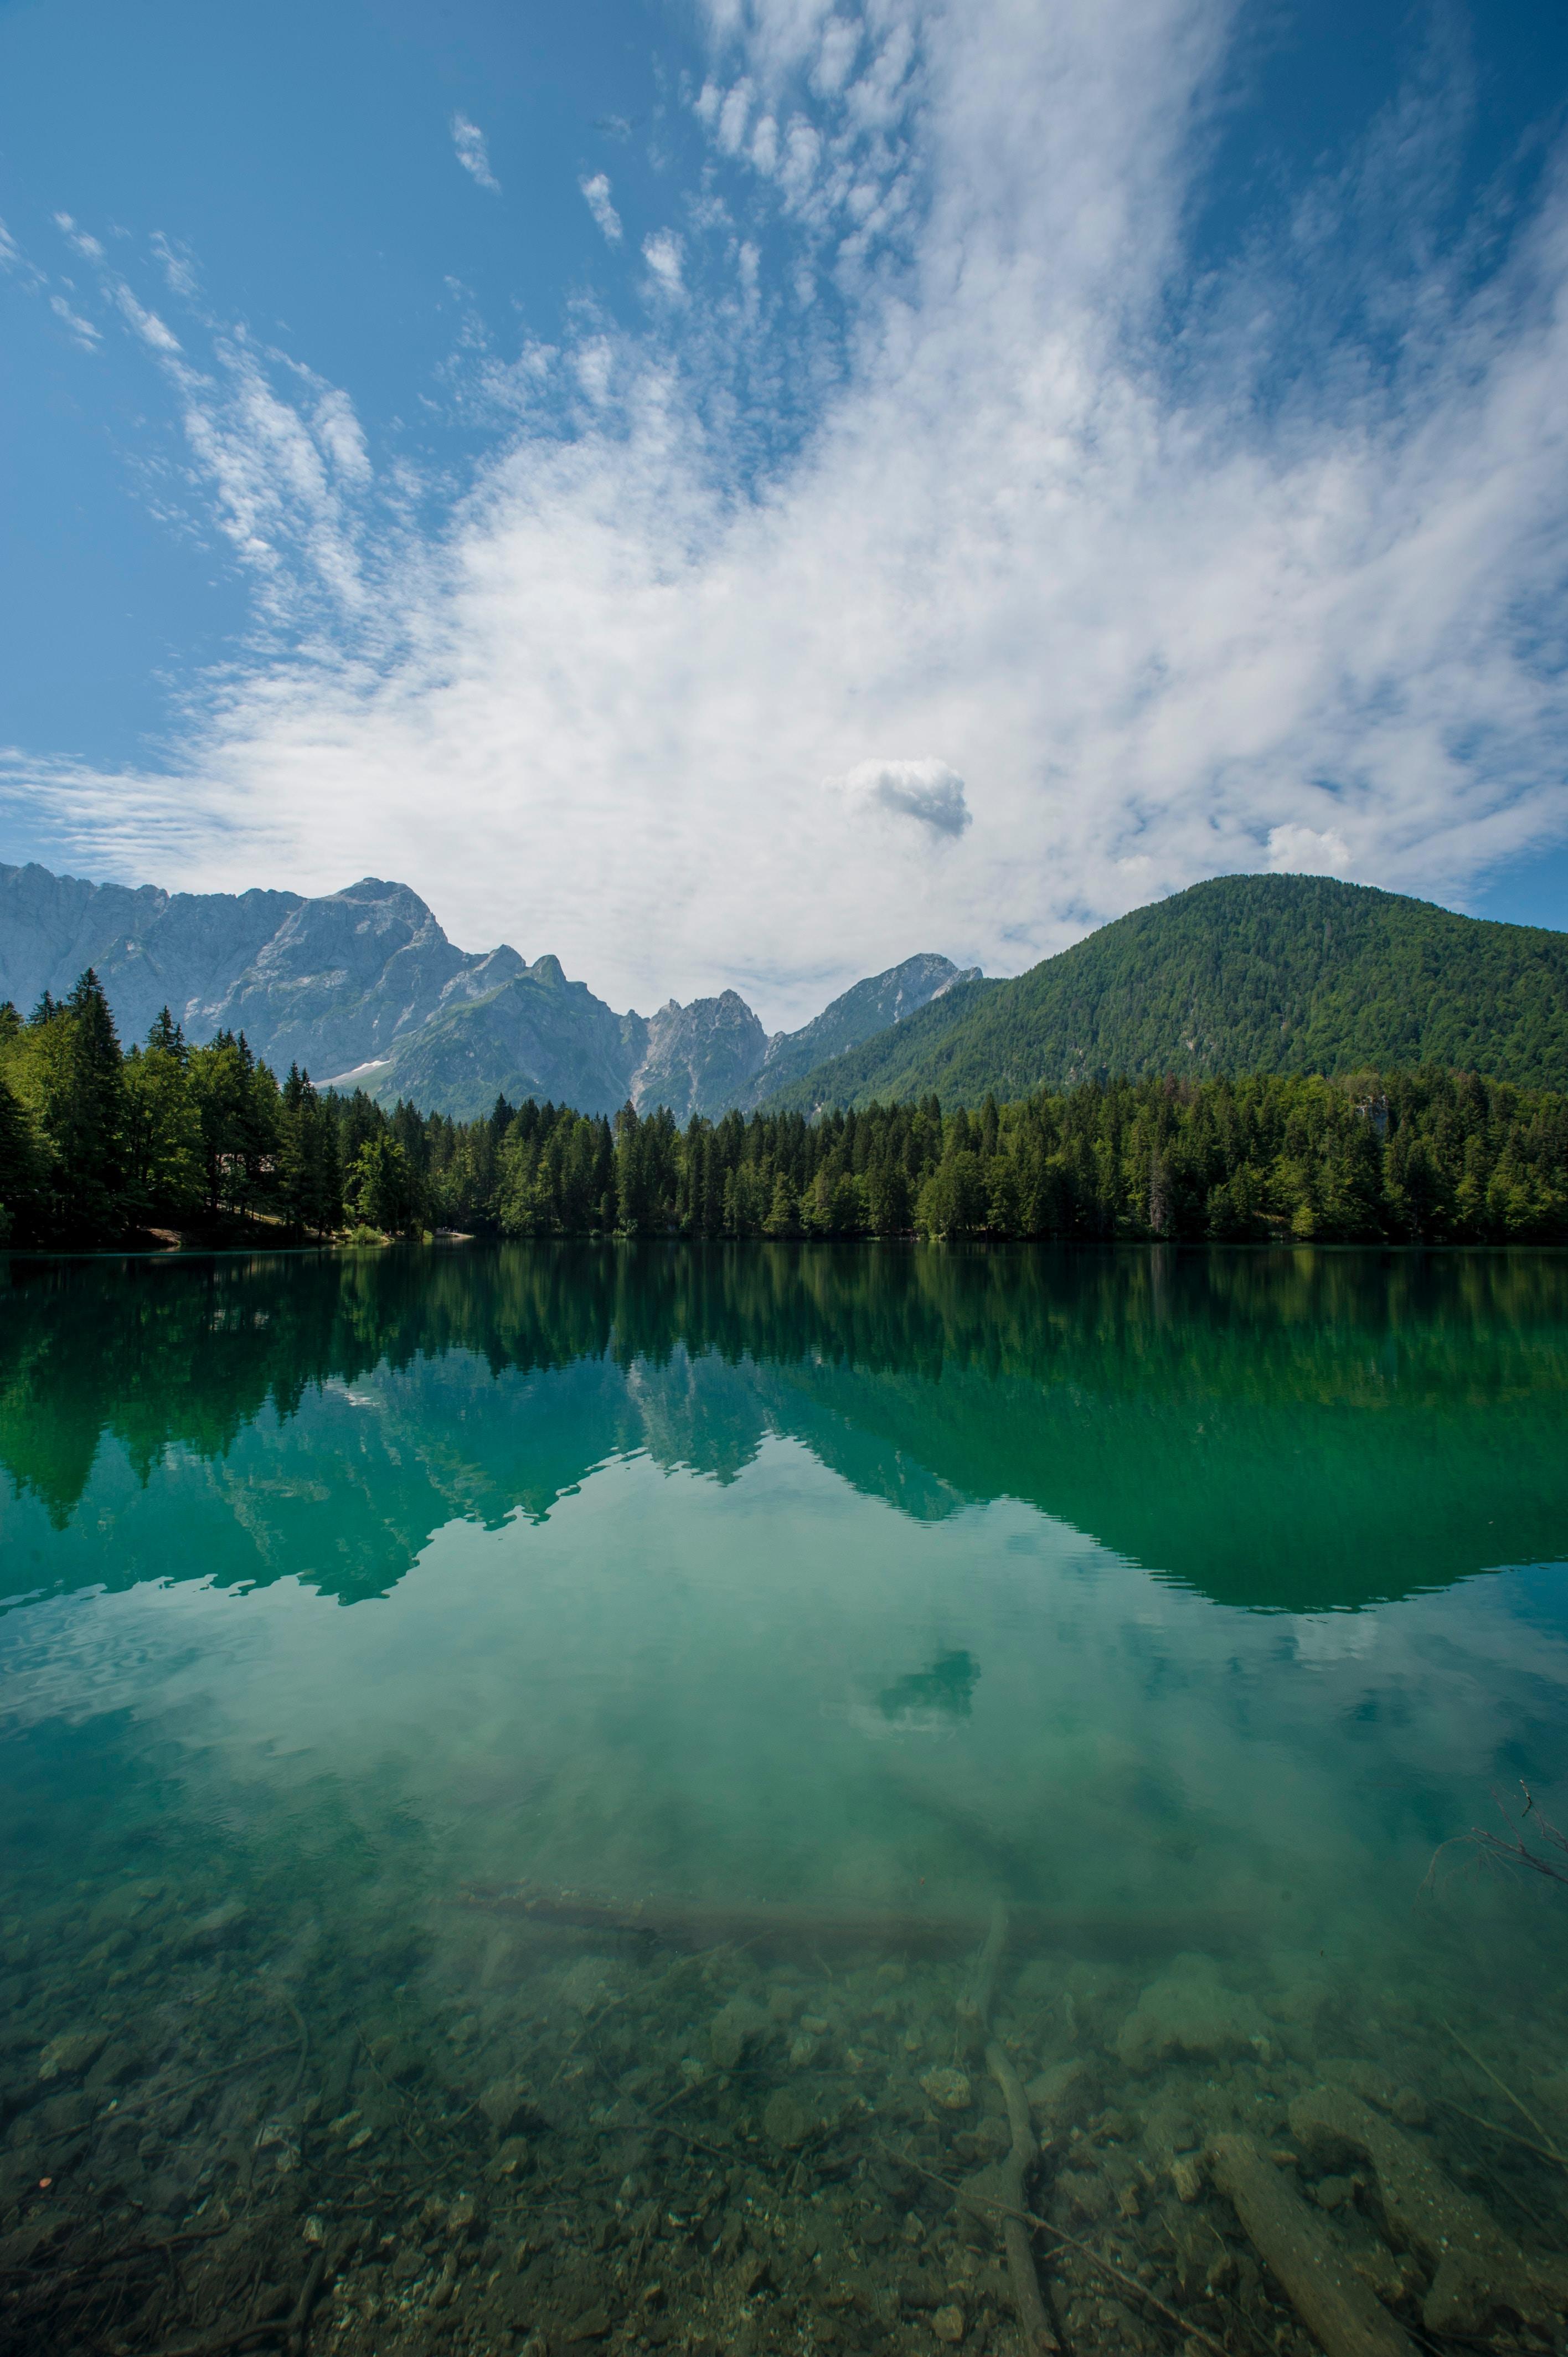 156684 fond d'écran 720x1280 sur votre téléphone gratuitement, téléchargez des images Paysage, Nature, Montagnes, Lac, Forêt 720x1280 sur votre mobile